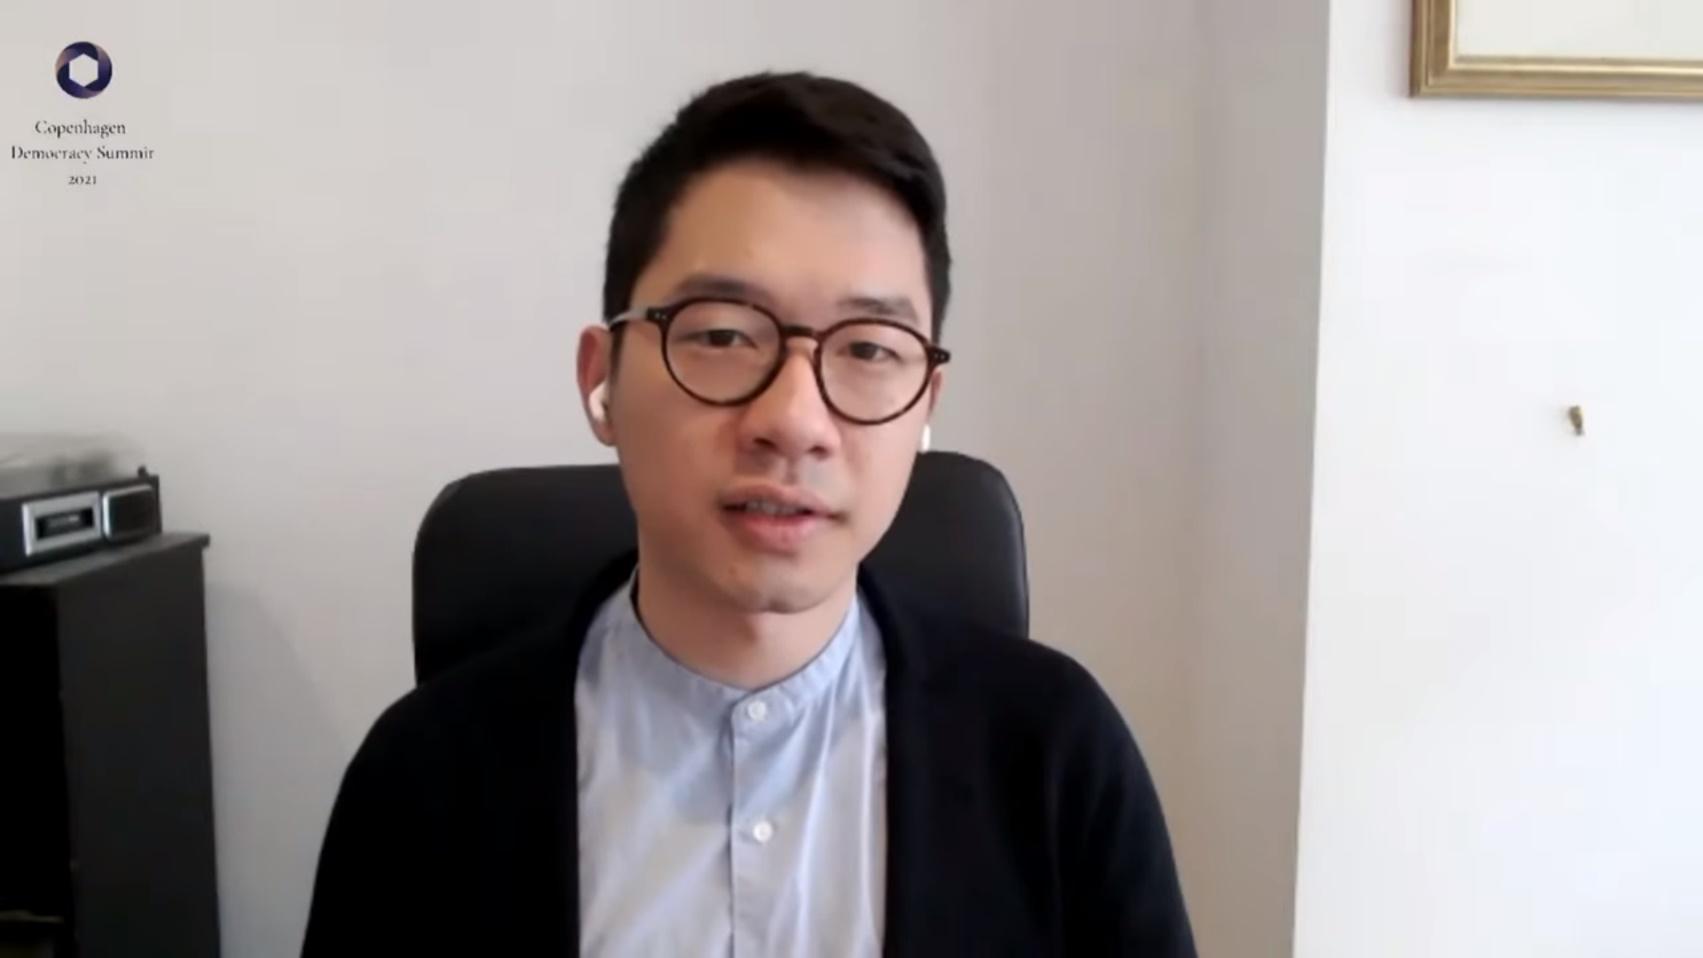 羅冠聰以視像形式參與峰會,講出香港的政治處境,並呼籲國際社會團結支持民主抗爭,以制衡各威權的擴張。(影片截圖)